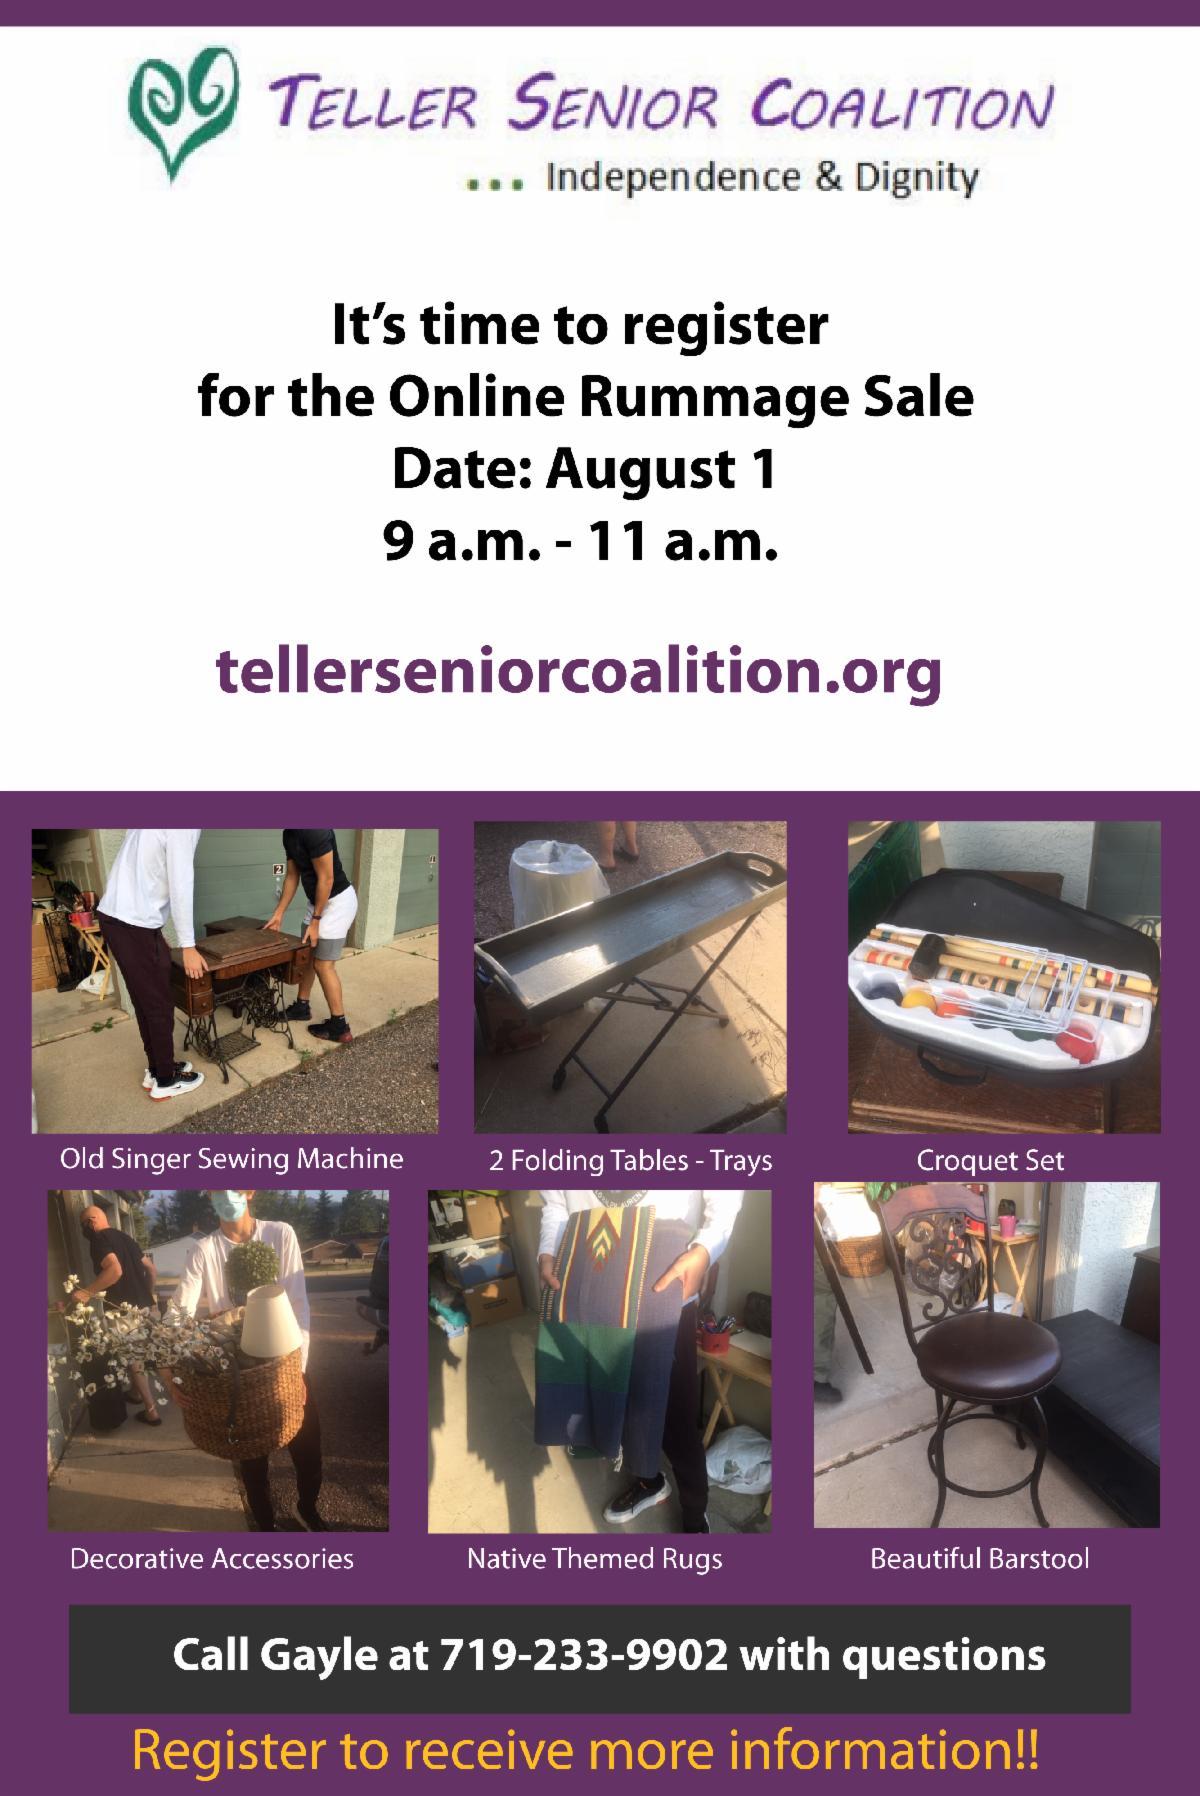 Teller Senior Coalition